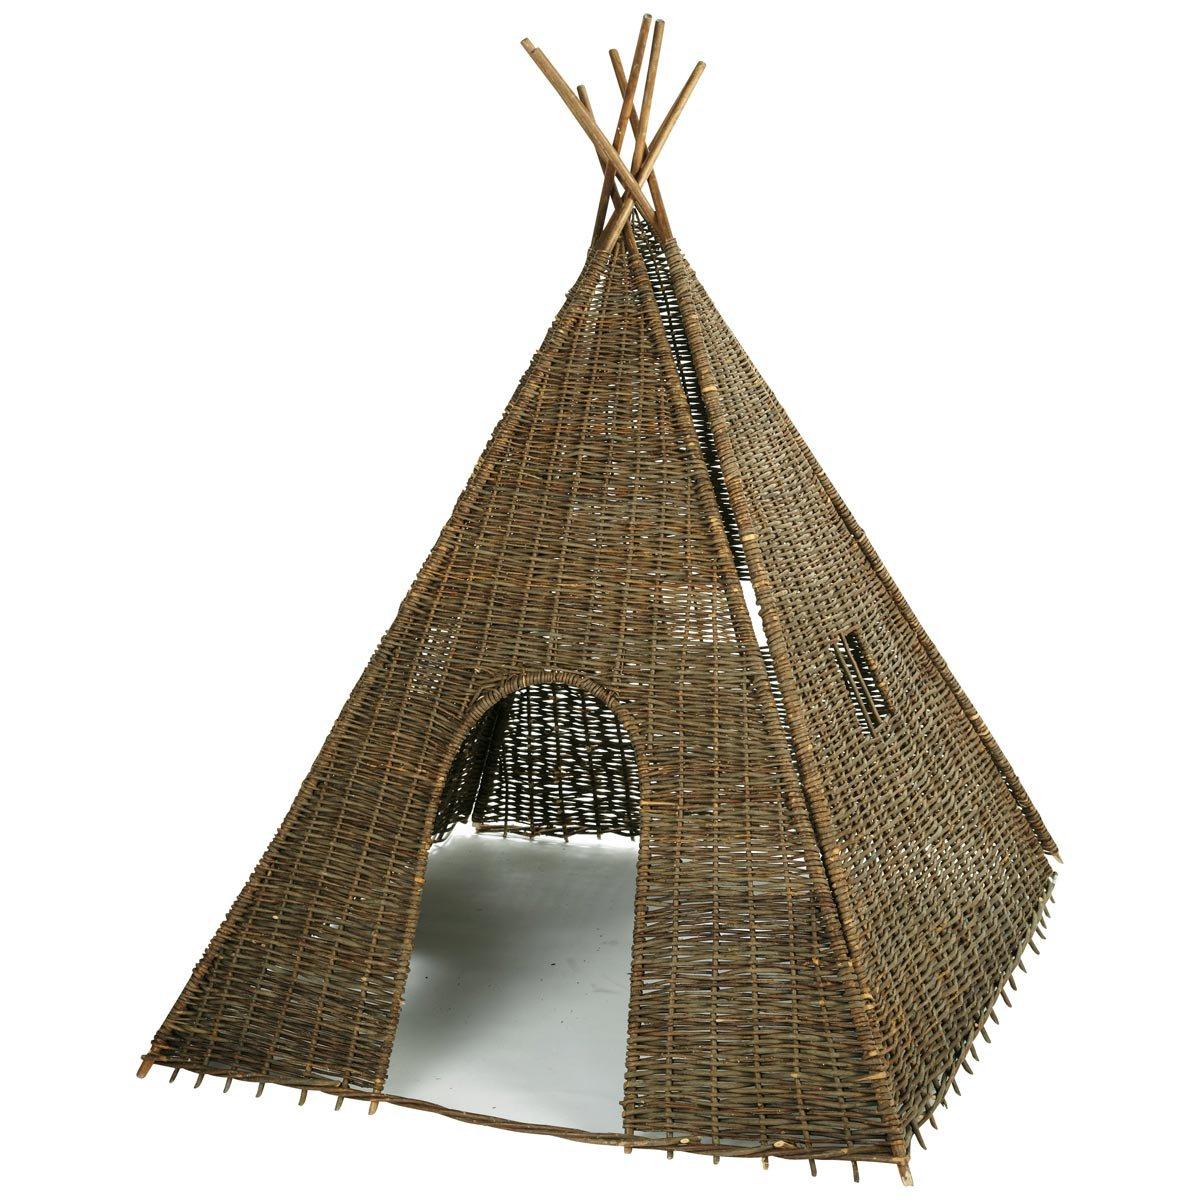 idee deco salle de bain bord de mer juillet 2013 tous les tages le - Salle De Bain Decoration Indienne